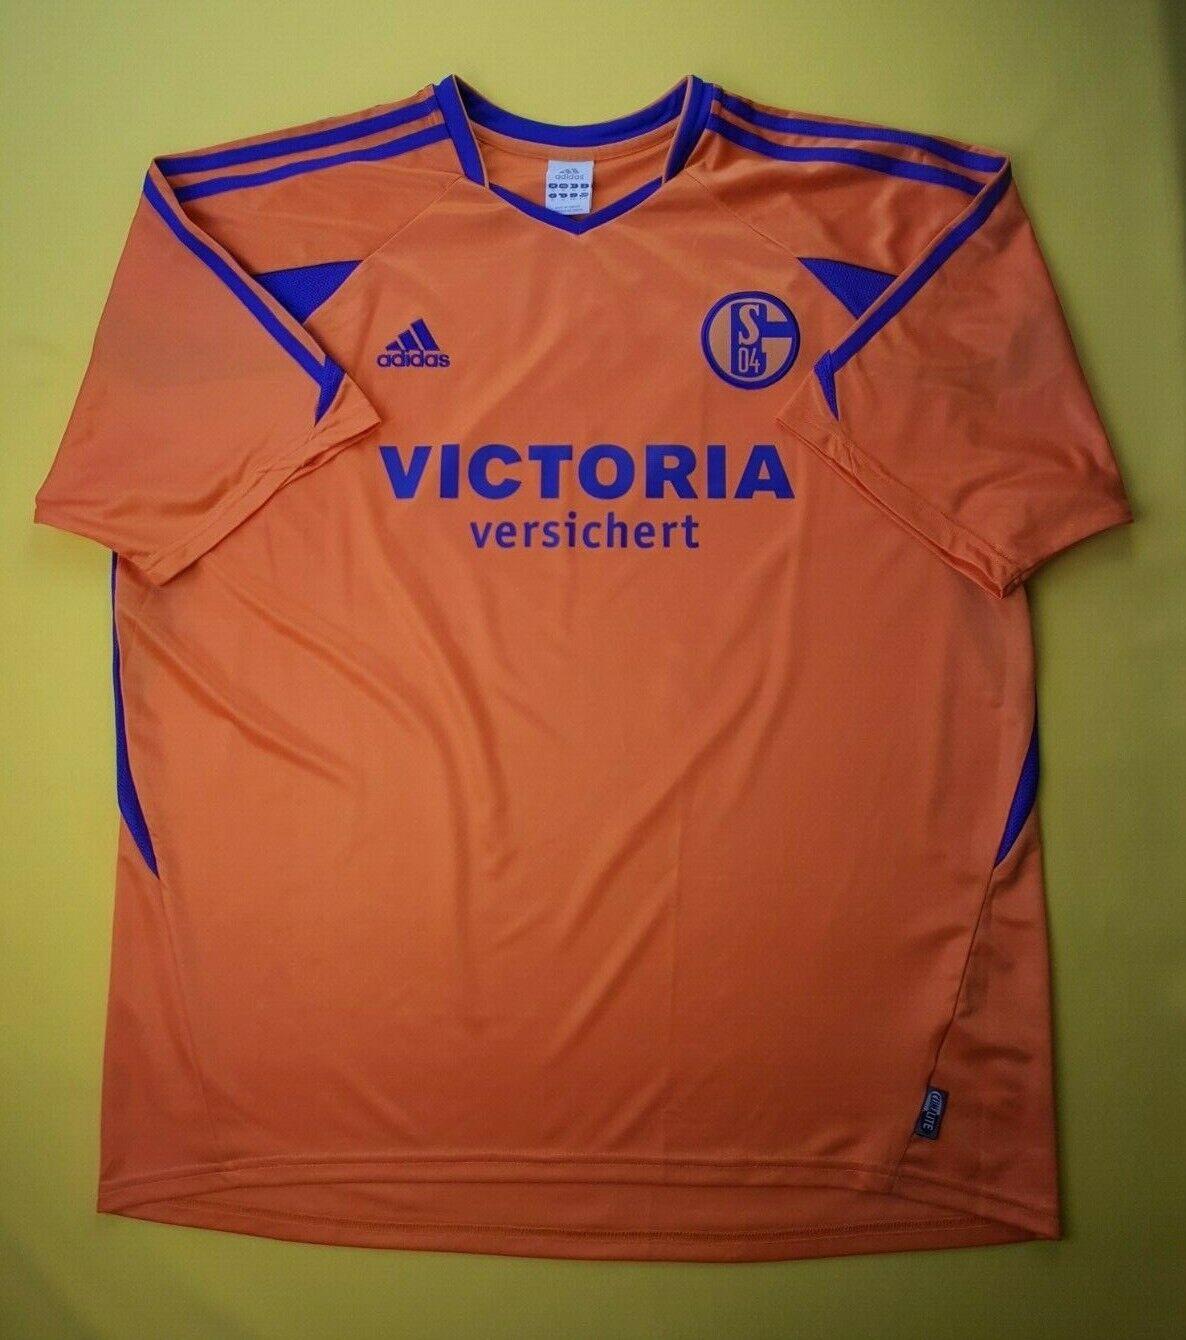 9d0fa9a7d57 5 5 FC Schalke 04 jersey XL 2003 2004 away shirt soccer football Adidas ig93